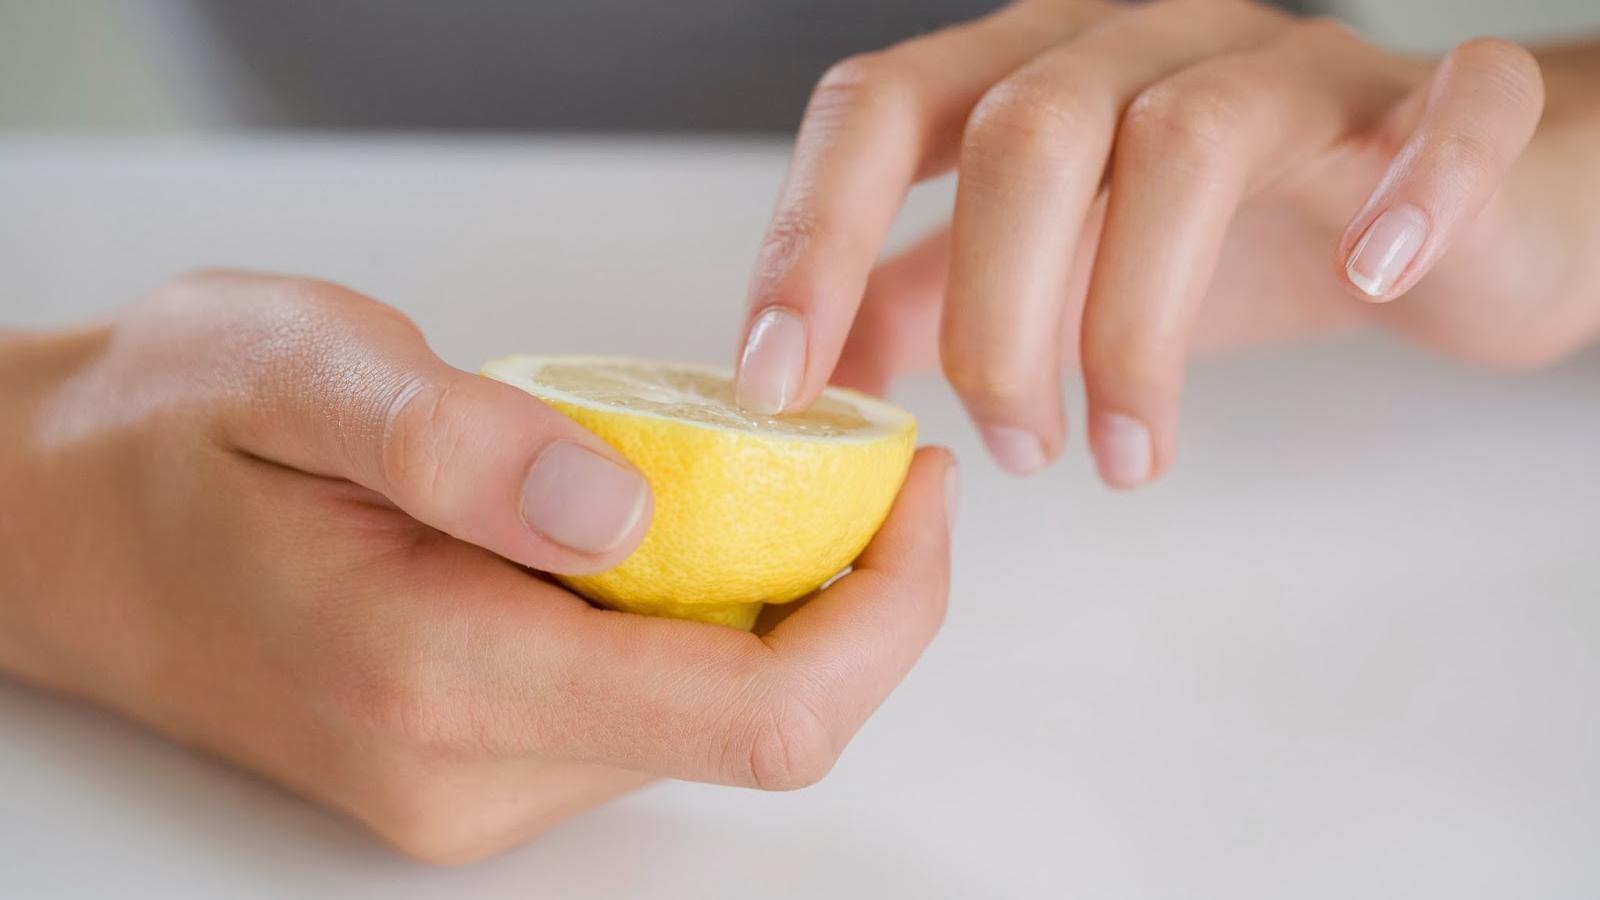 Лучшее средство от грибка ногтей на ноге